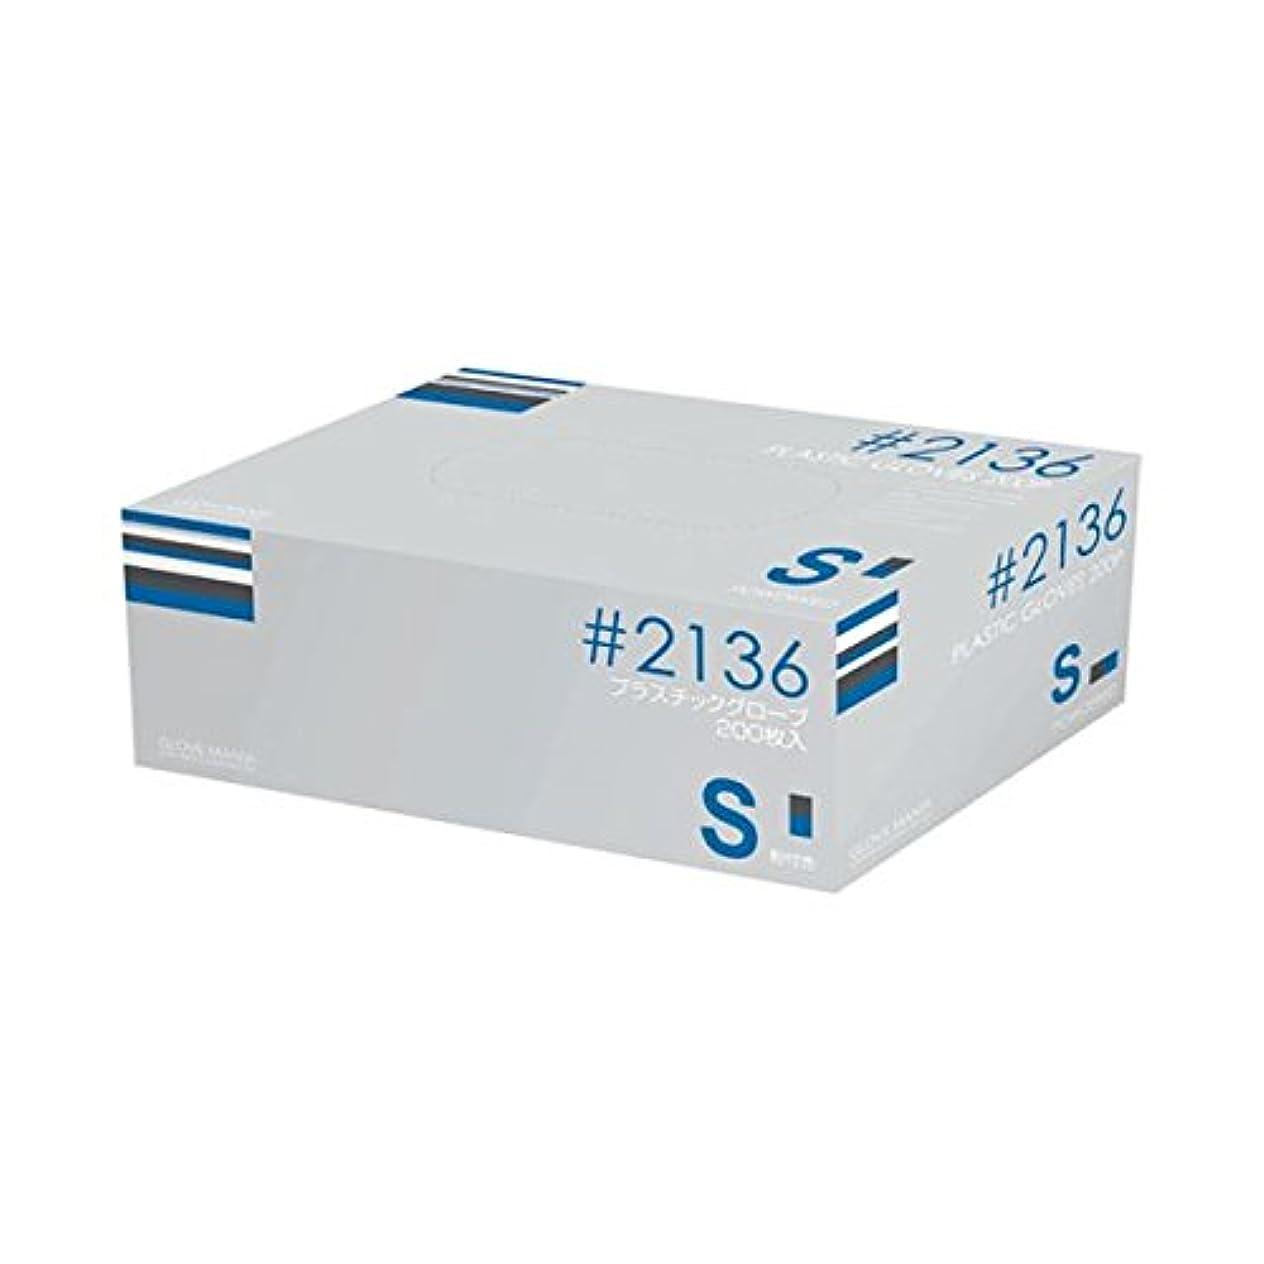 移民数学的な光の(業務用10セット) 川西工業 プラスティックグローブ #2136 S 粉付 ds-1913513